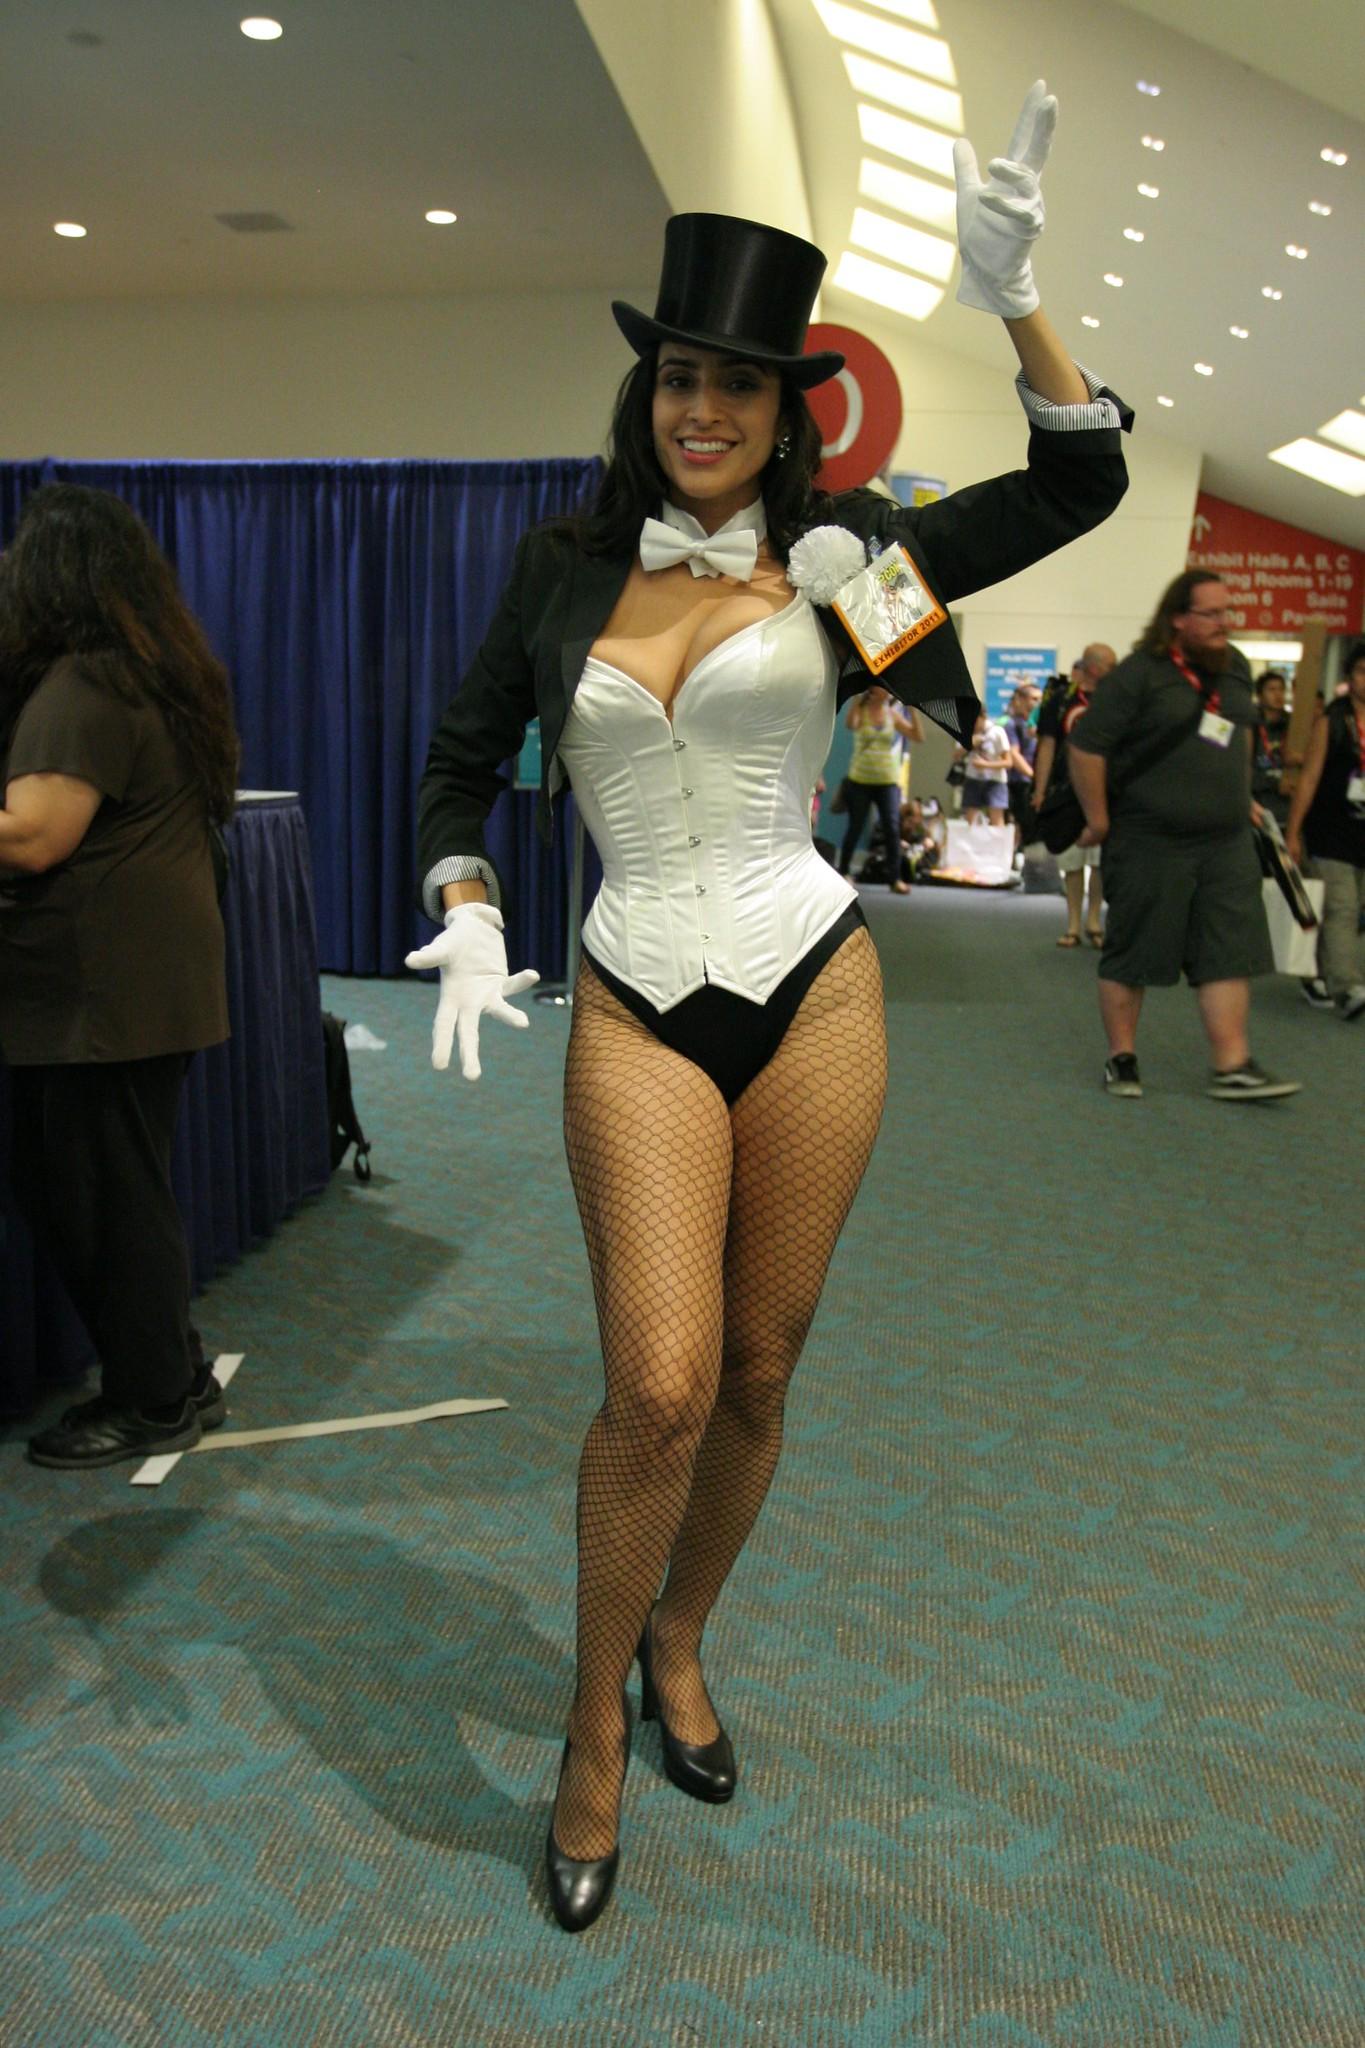 Video Valerie Perez nude (65 photos), Ass, Paparazzi, Twitter, butt 2015